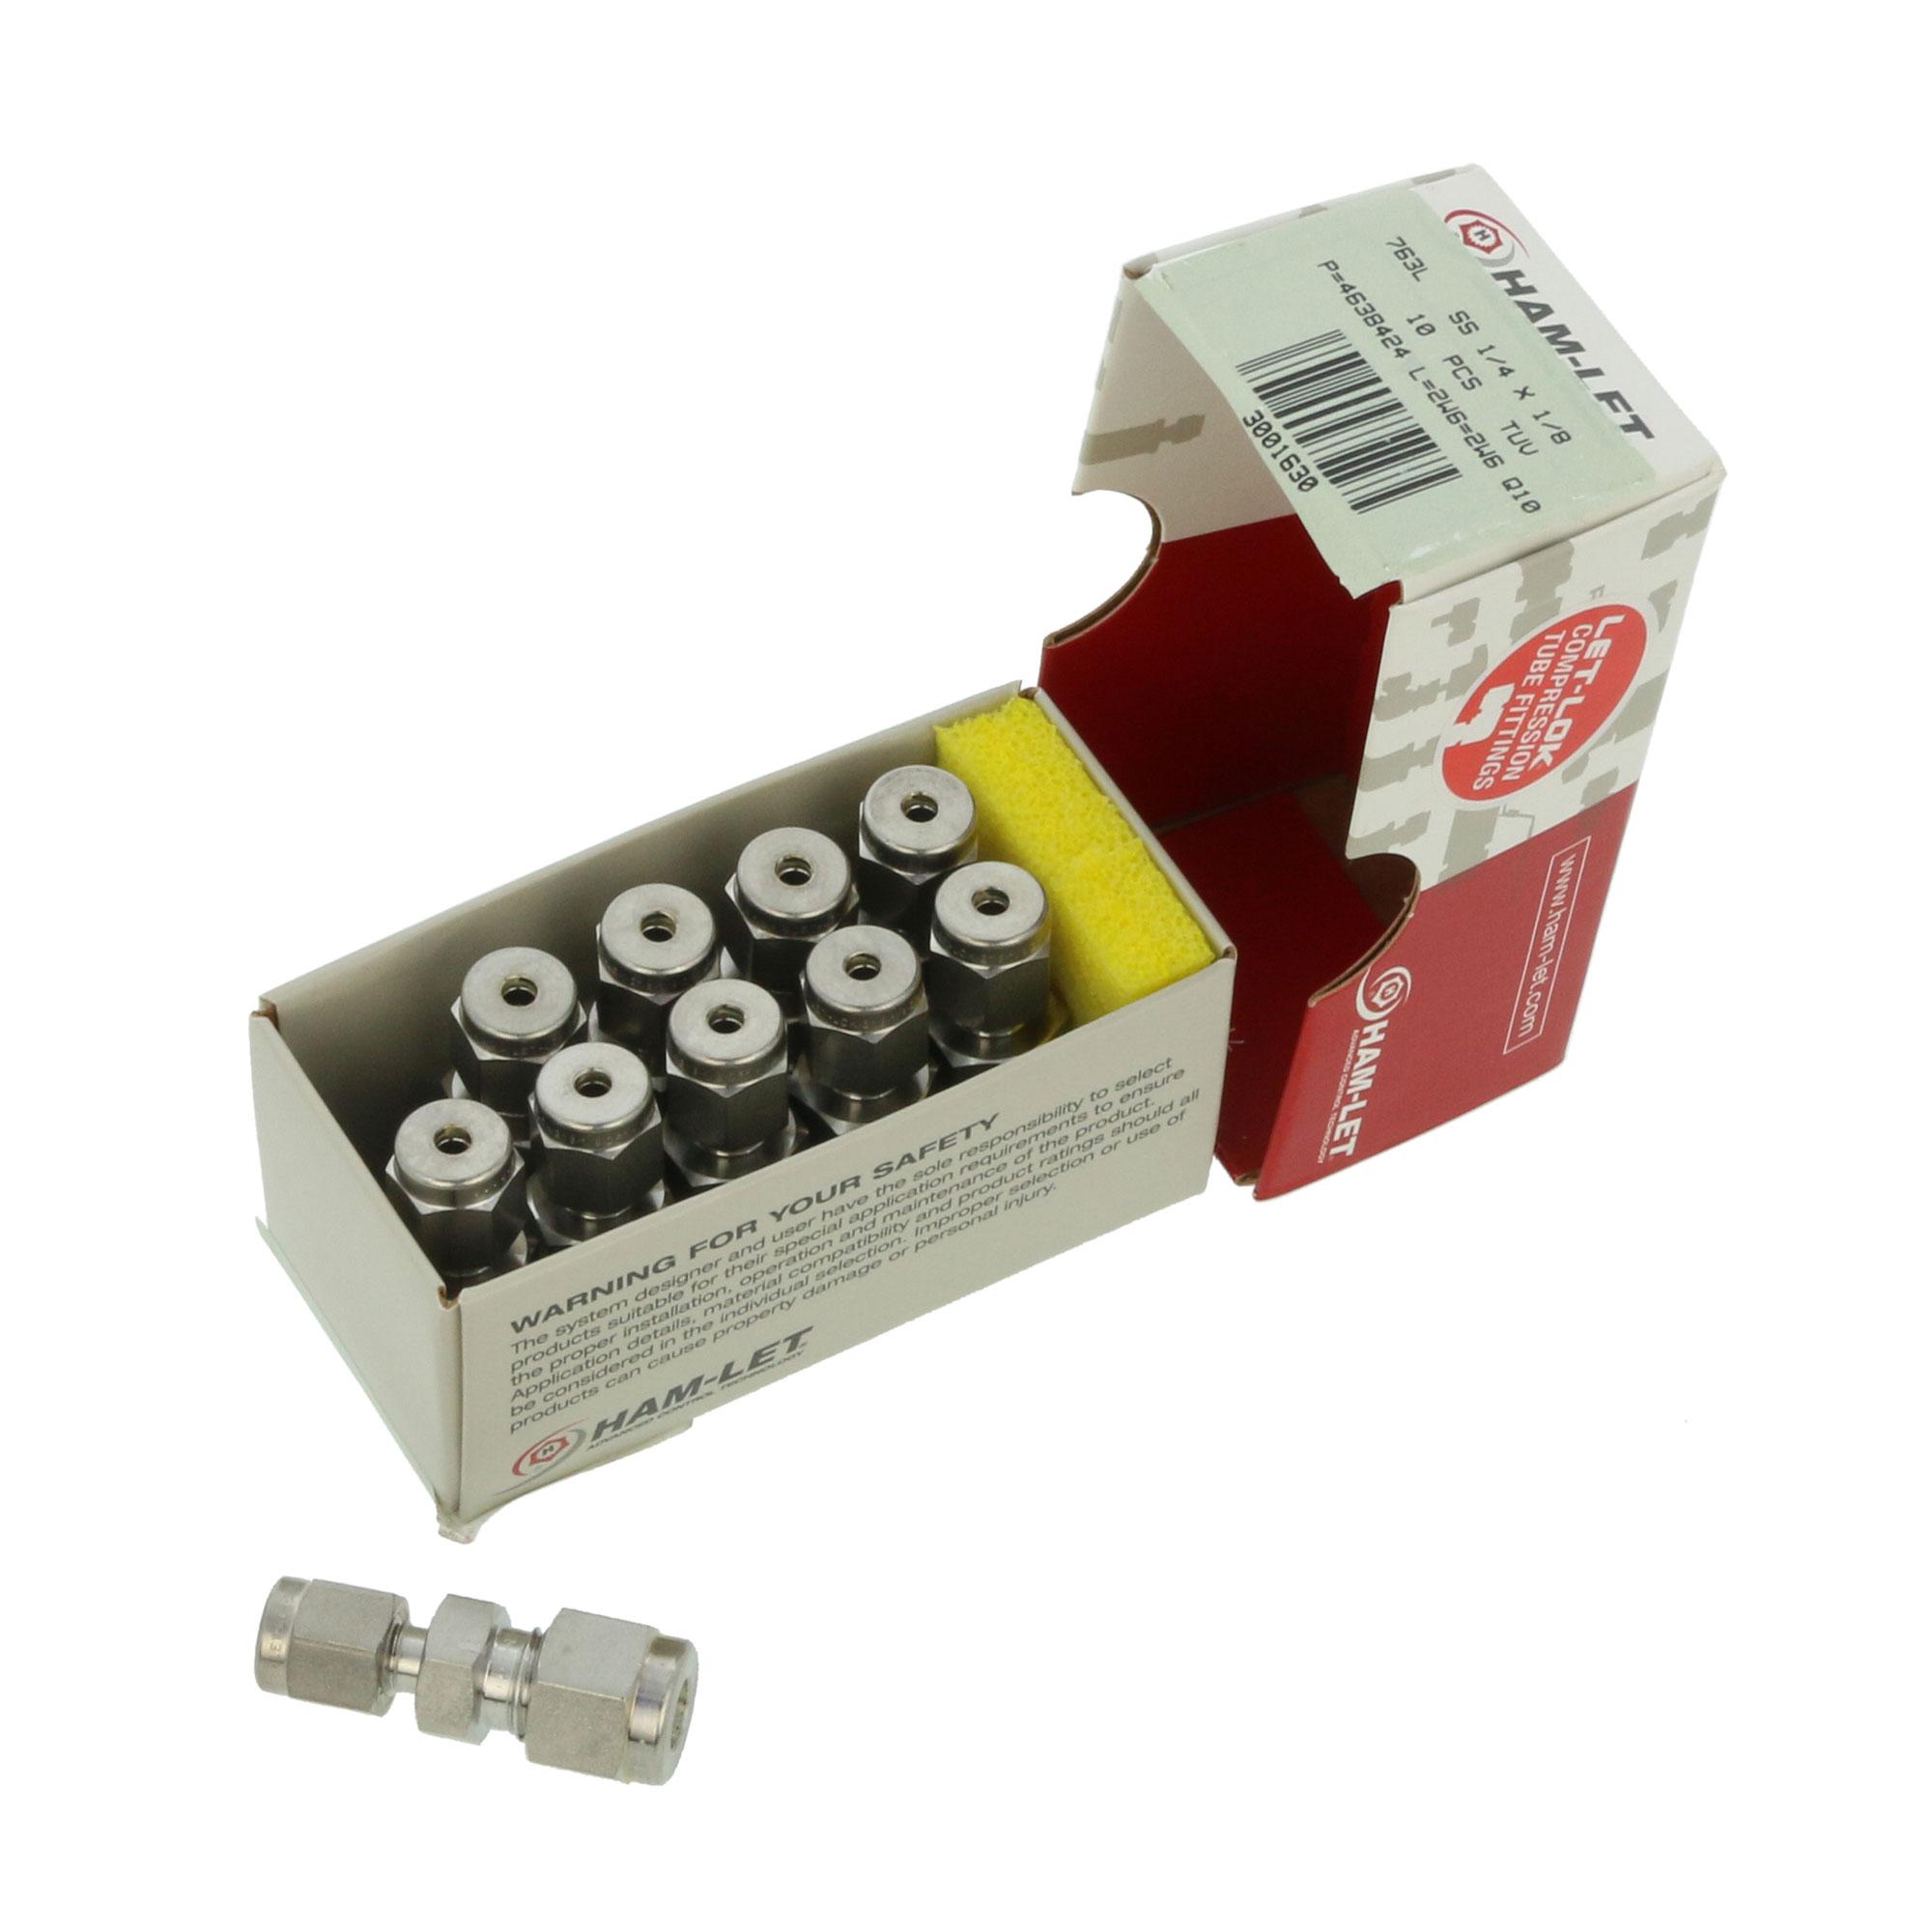 合成·反应装置ケミスト广场CPP - 2000系列用异径联合接头10个入|柴田科技有限公司-环境检测设备、科学仪器的制造销售